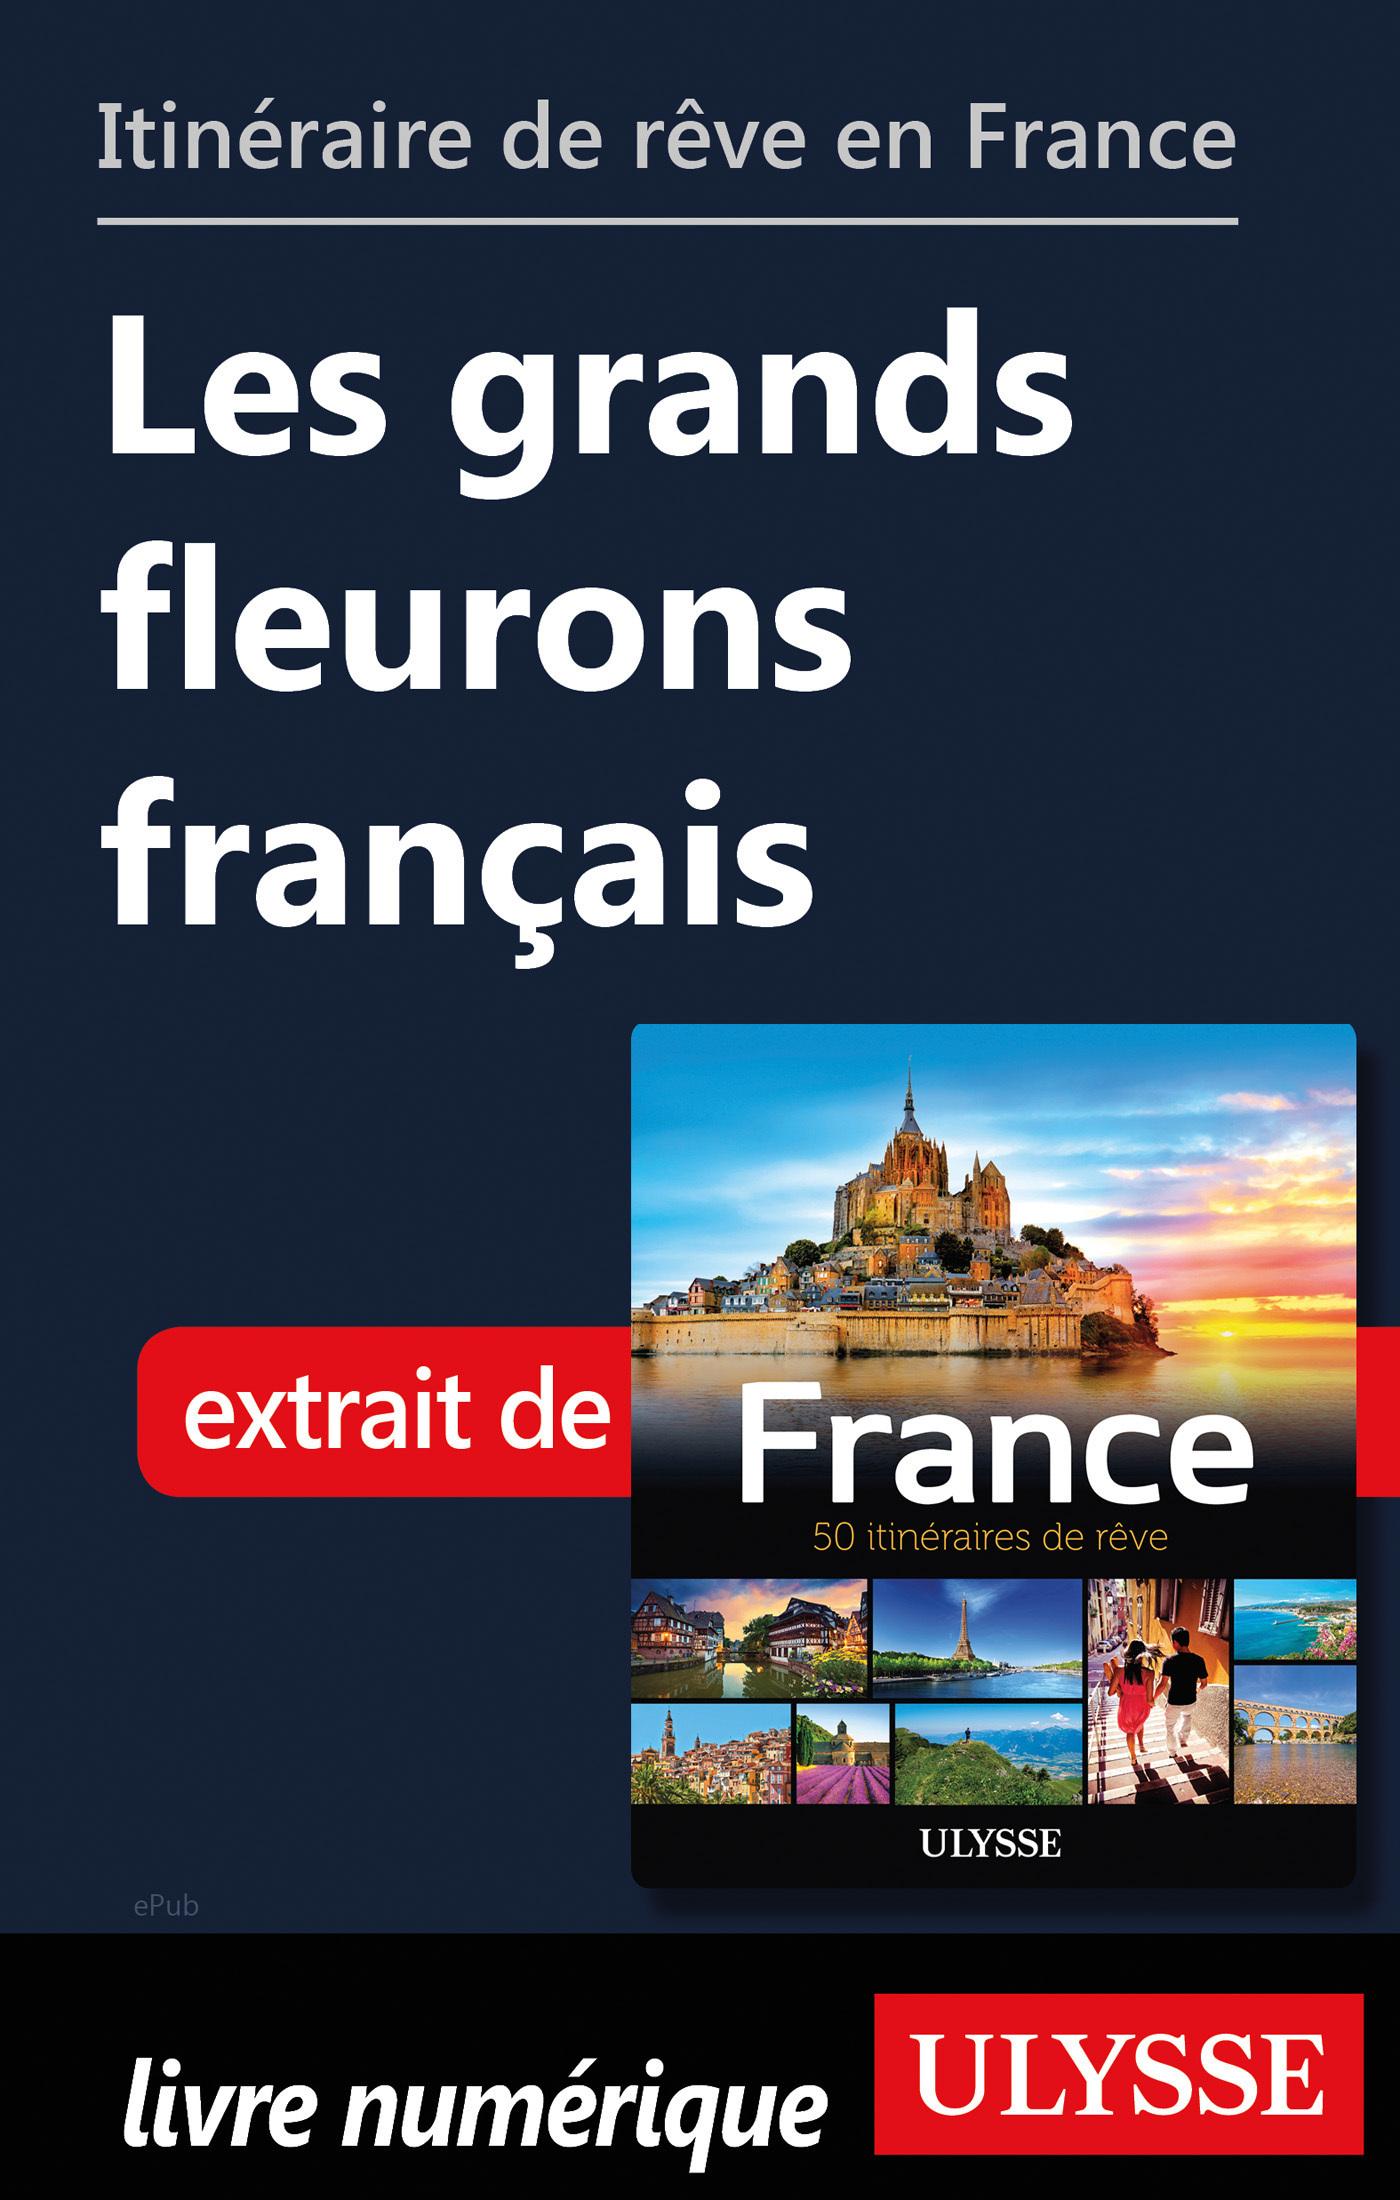 Itinéraire de rêve en France - Les grands fleurons français